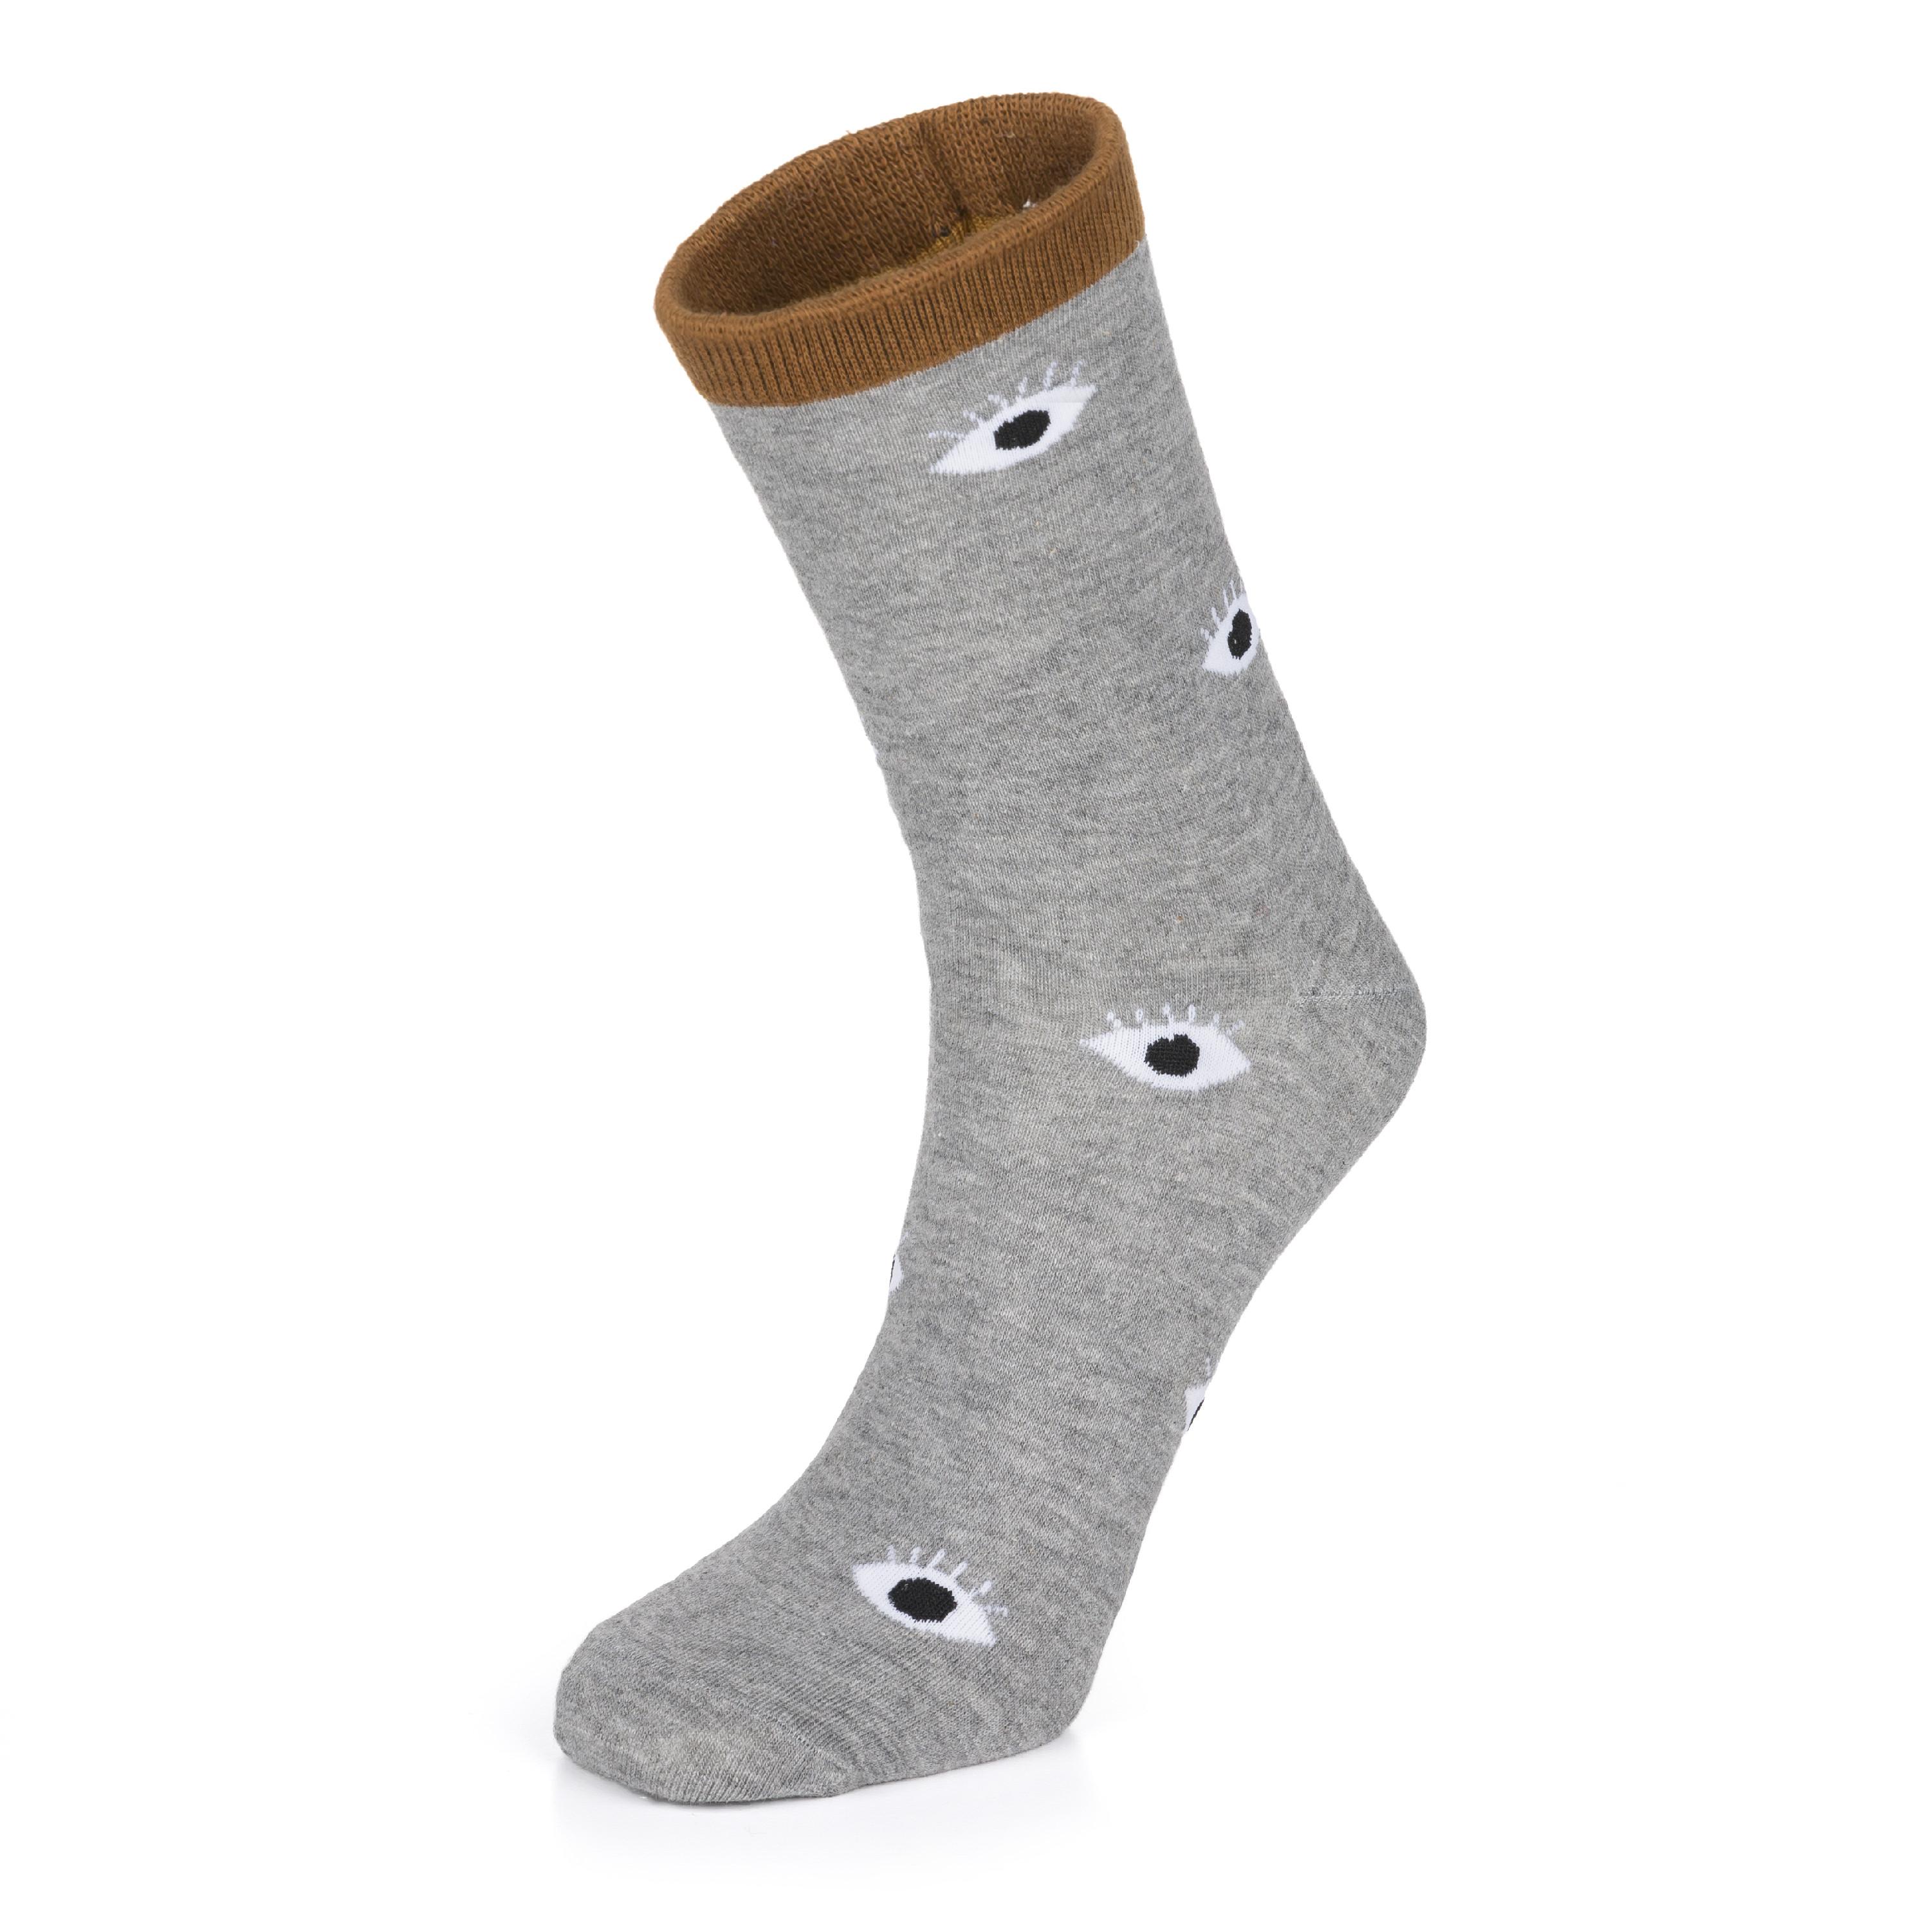 b935041bfc81 Veselé ponožky oči šedé